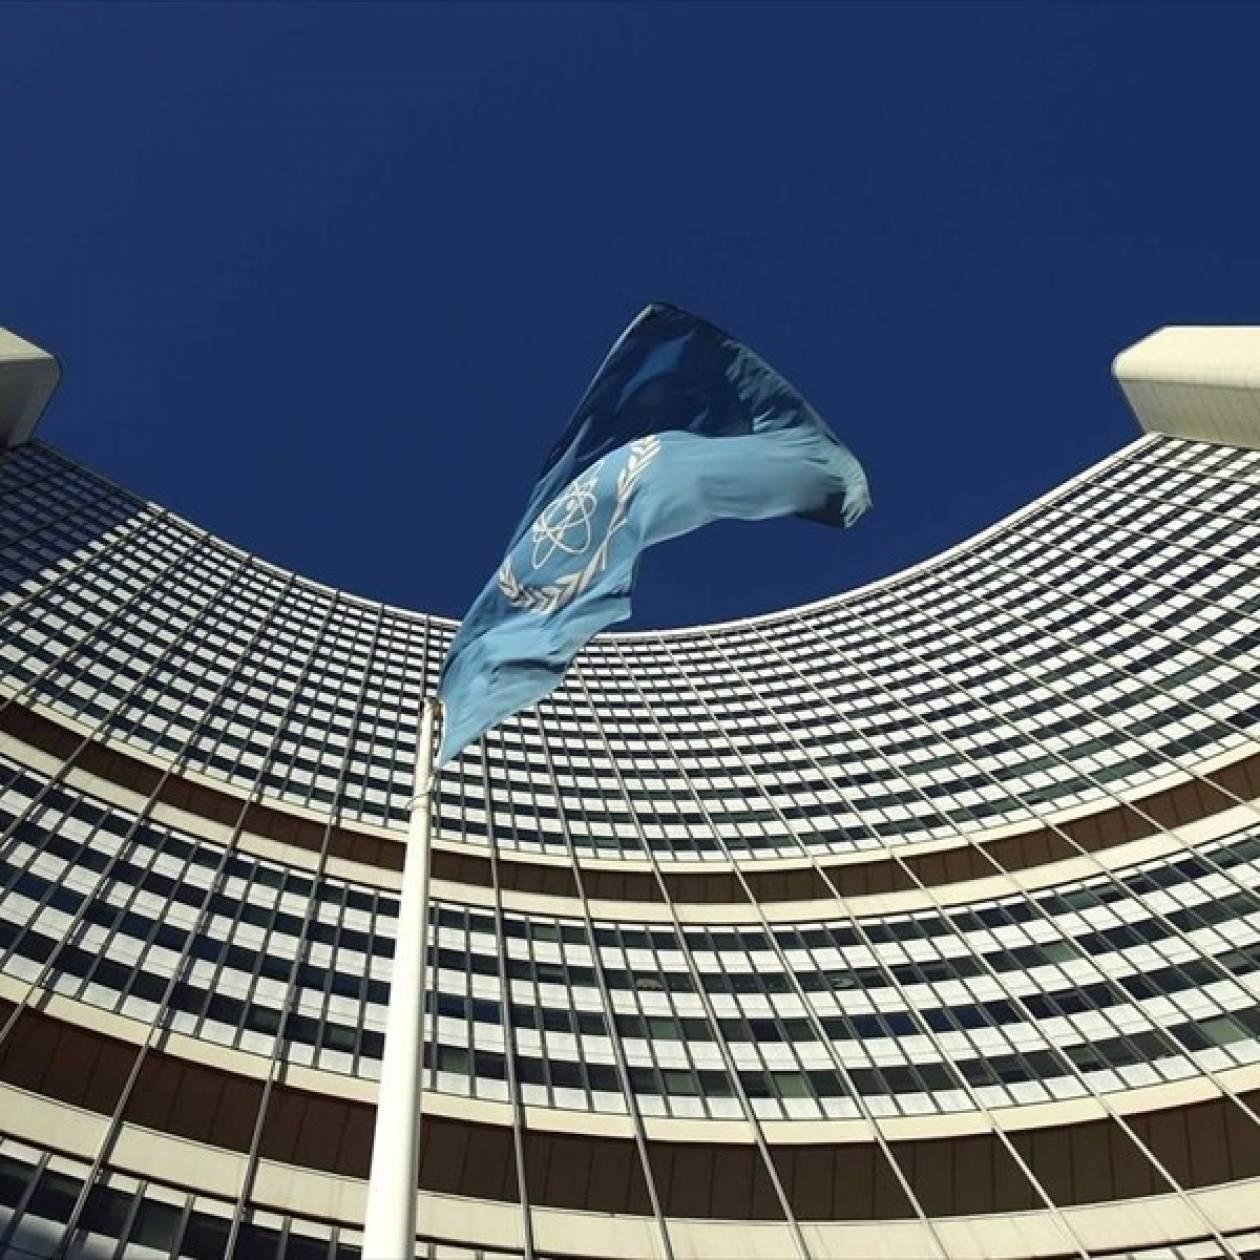 Έτοιμη η Τεχεράνη για τους επιθεωρητές του ΟΗΕ